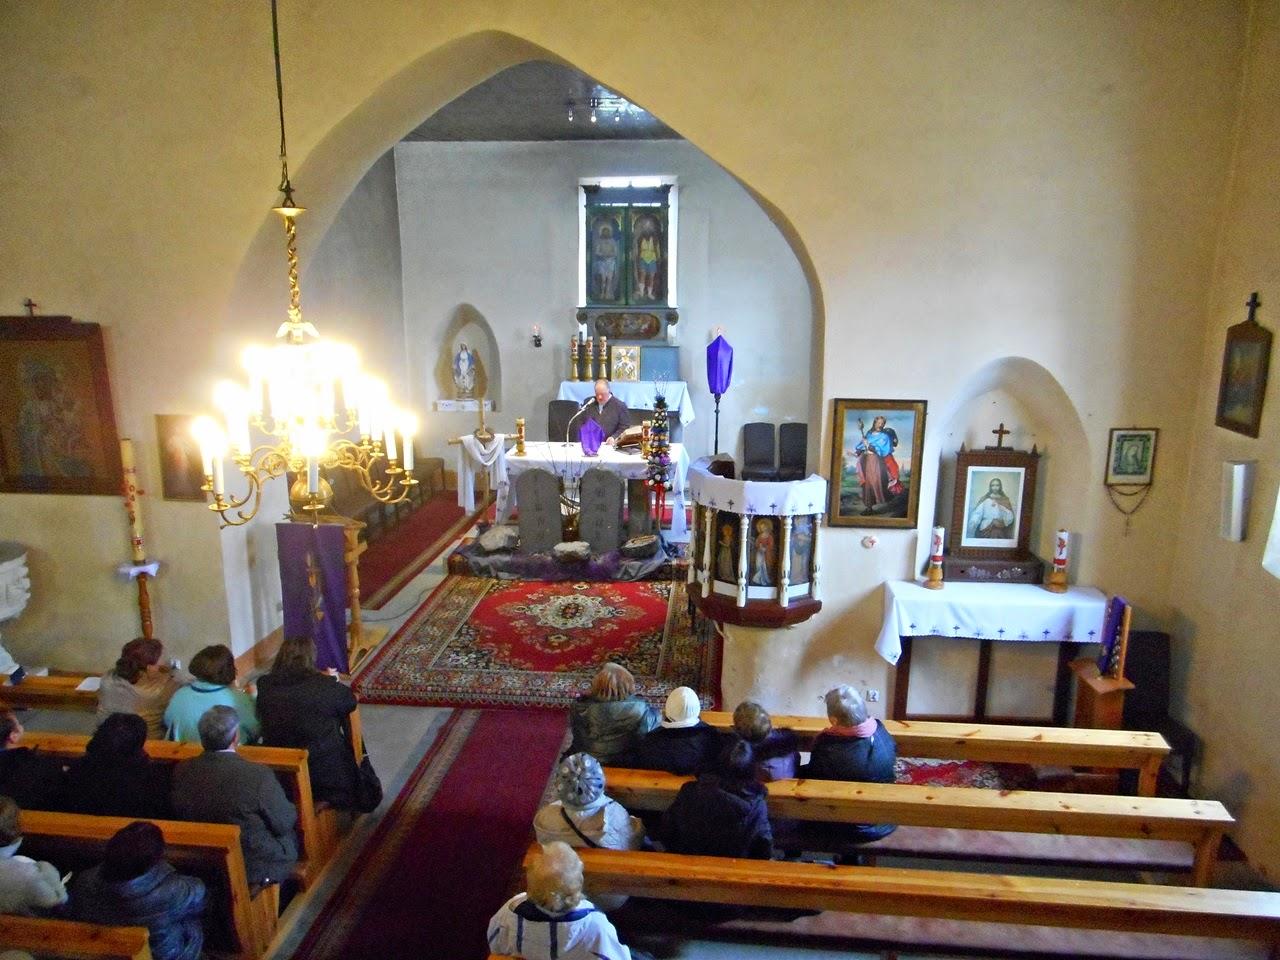 ołtarz, chór, ławy, obrazy